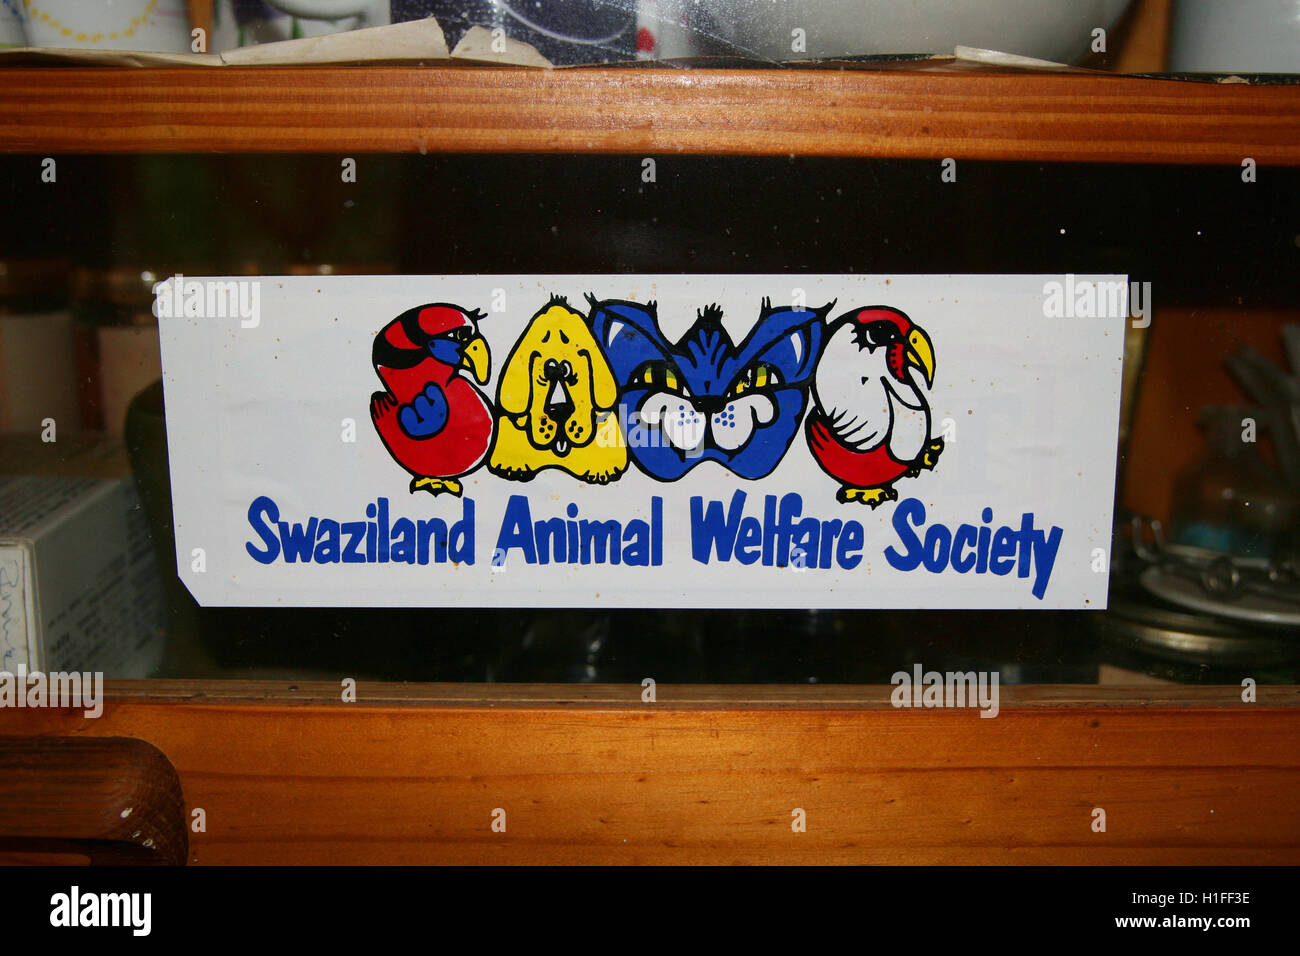 Swaziland Animal Welfare Society, SAWS, Kingdom of Swaziland - Stock Image